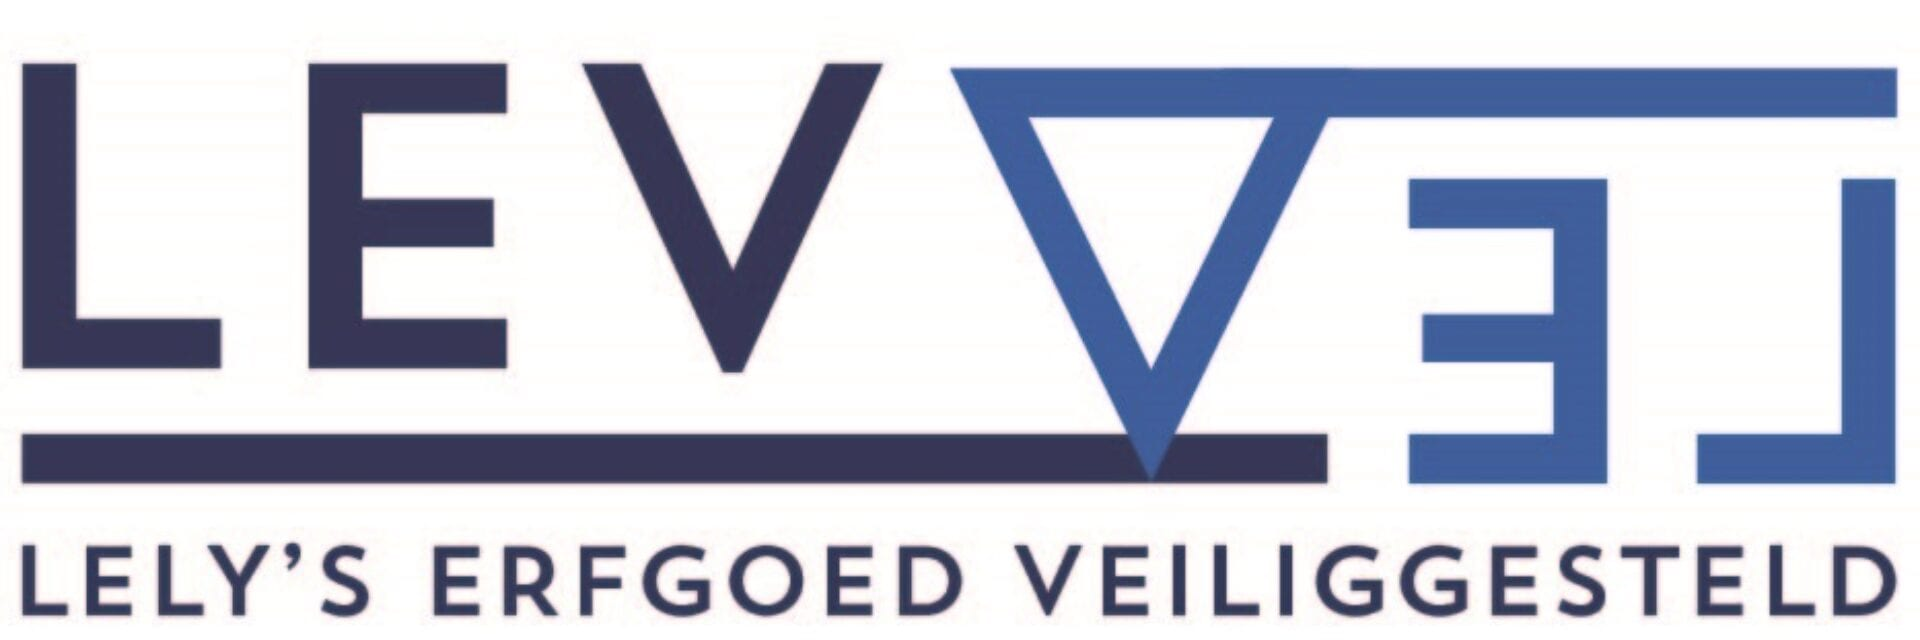 Logo van Levvel. Je ziet in twee kleuren blauw LEVVEL. Daaronder staat de tekst: Lely's erfgoed veiliggesteld met een witte achtergrond.